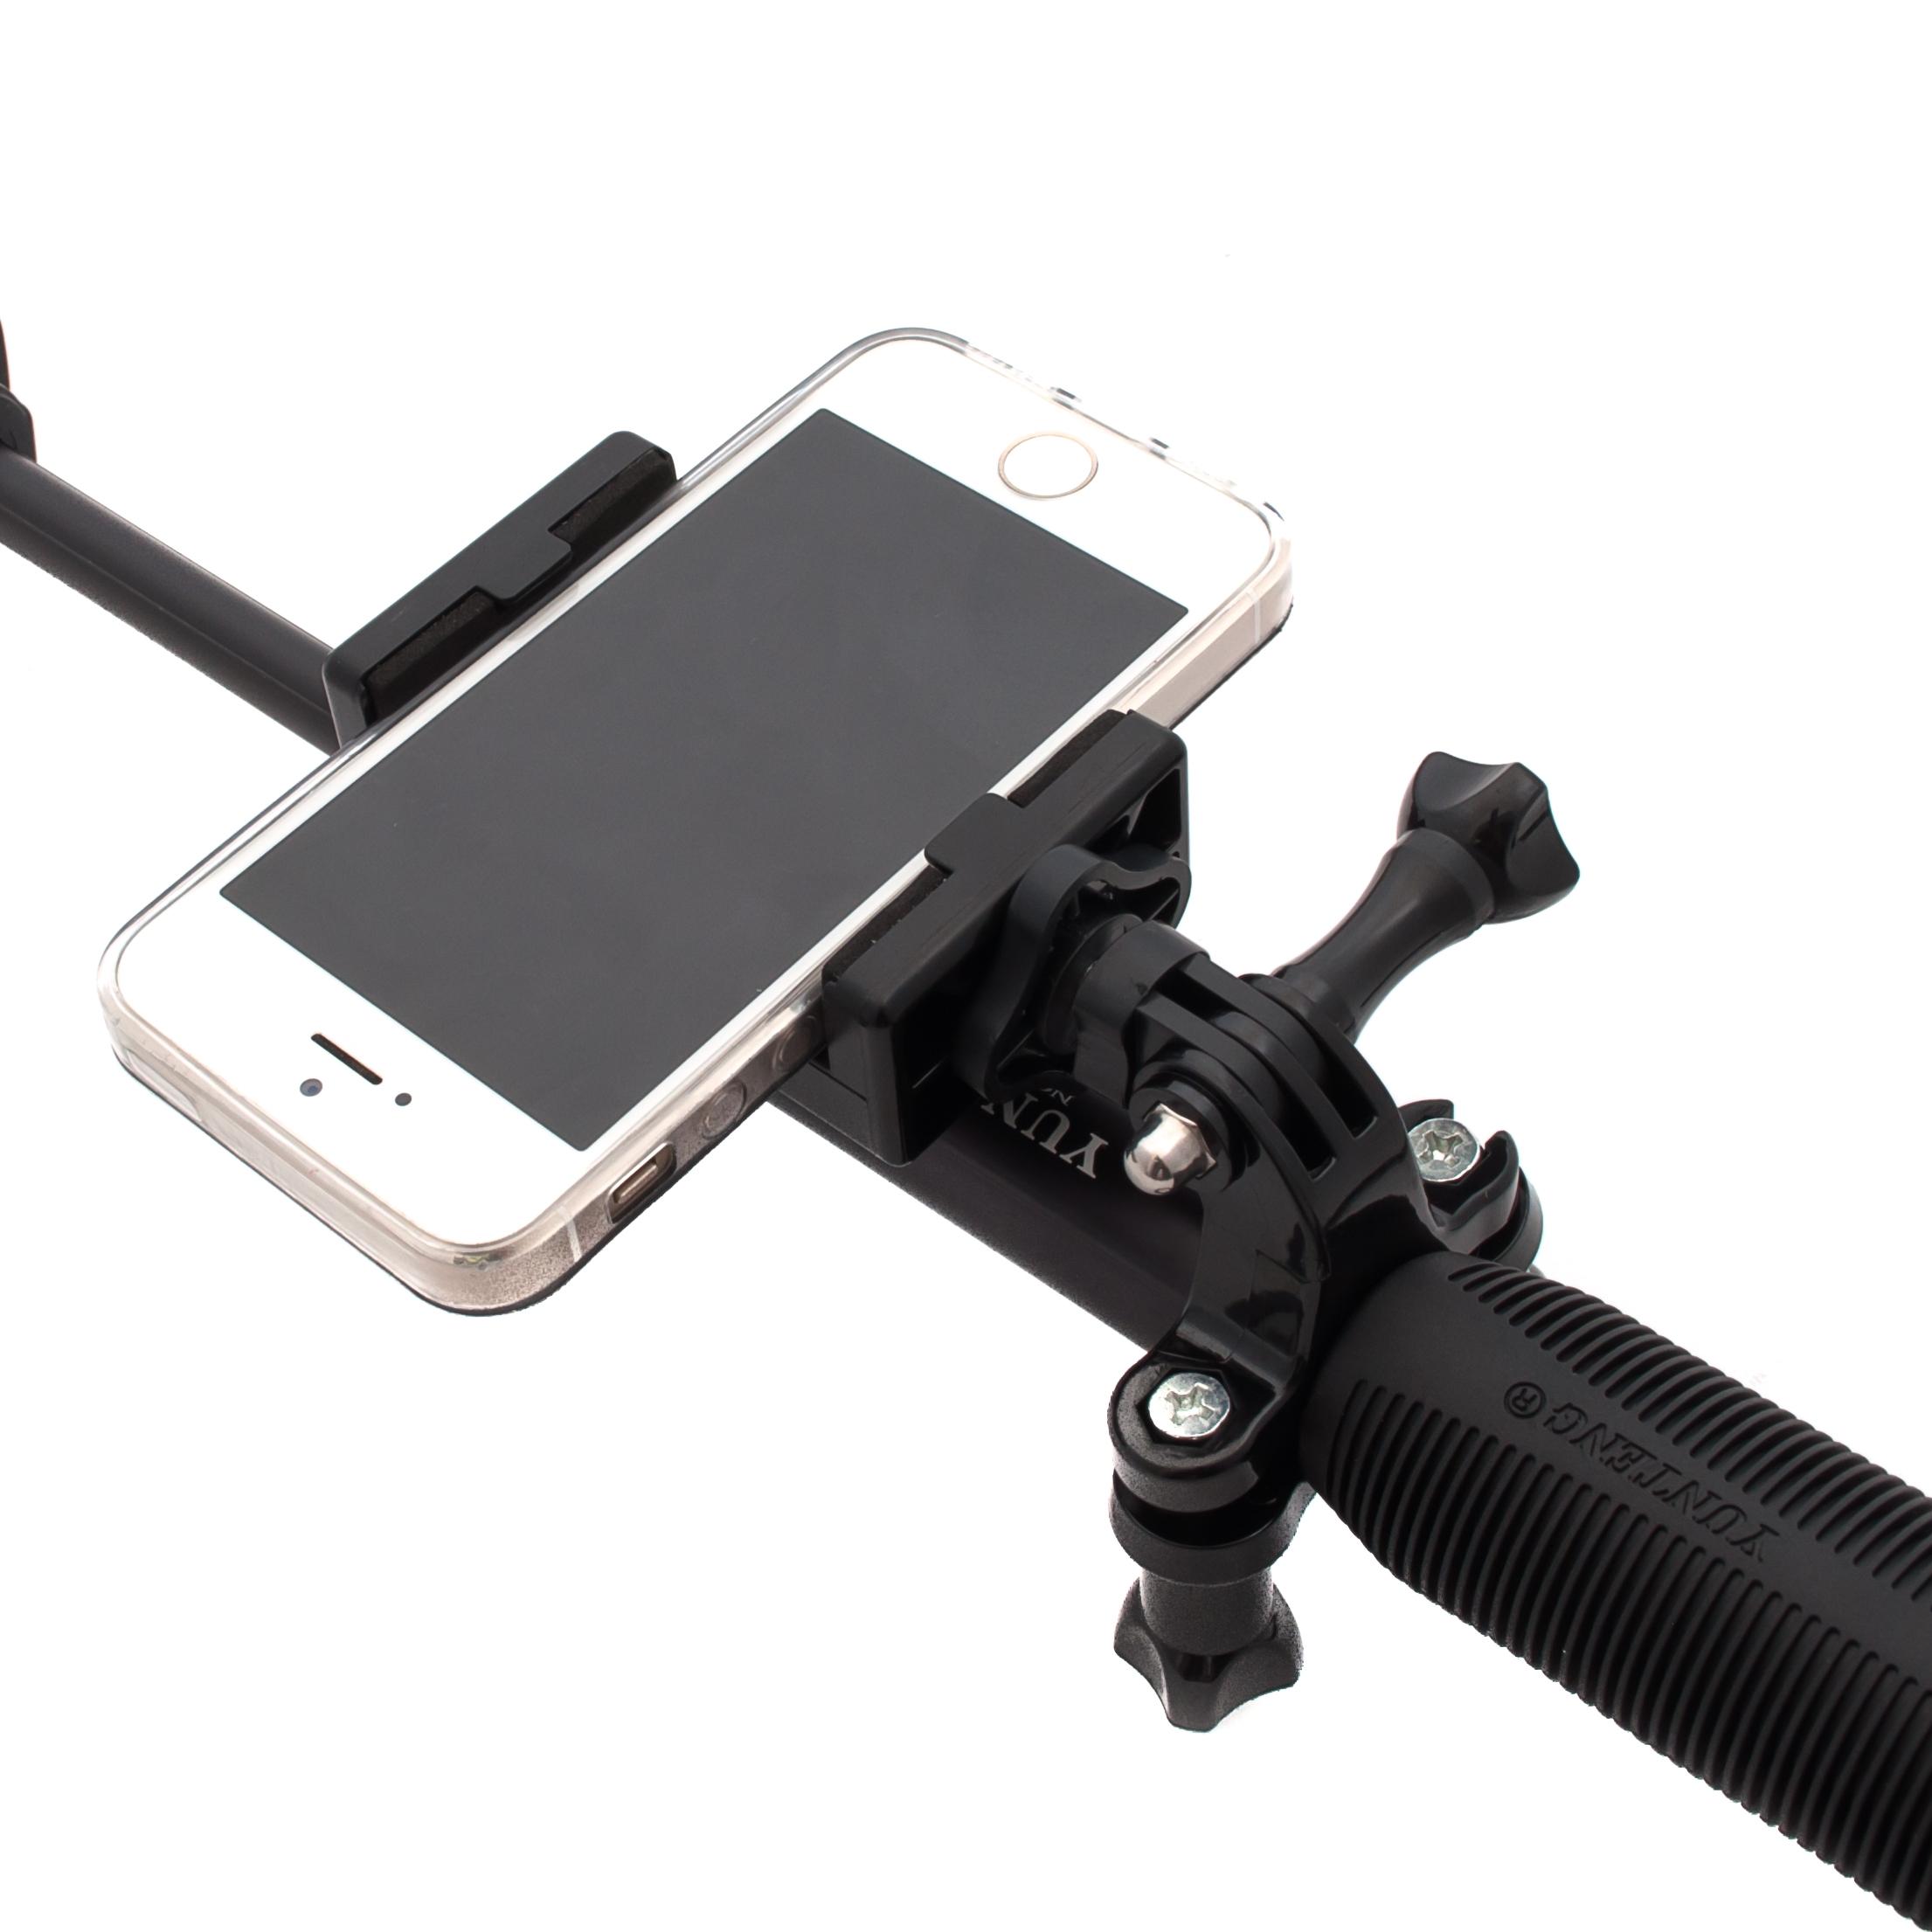 Держатель смартфона mavic pro недорогой чехол для пульта к дрону mavic combo